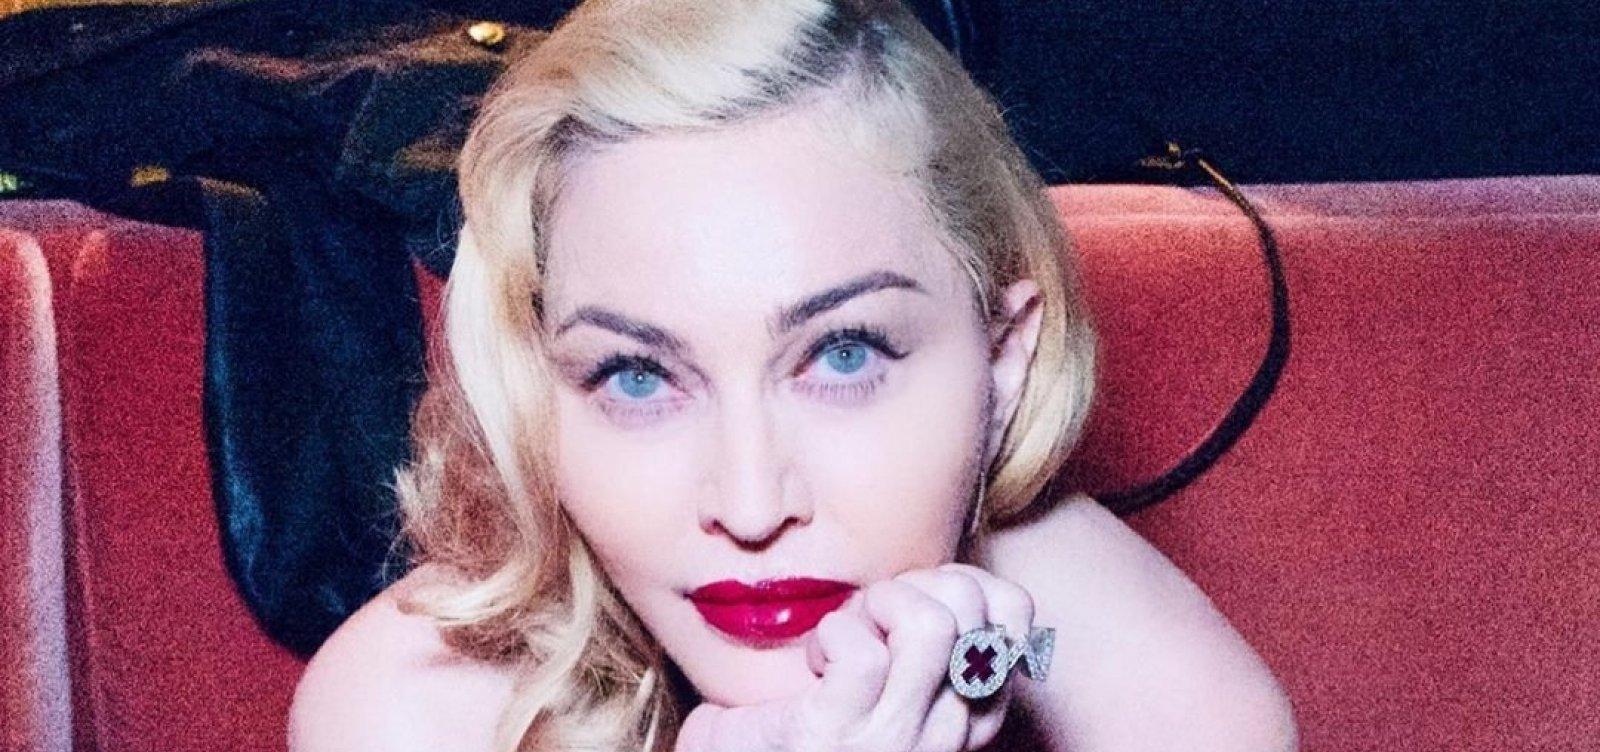 [Madonna defende uso de hidroxicloroquina e é censurada pelo Instagram]